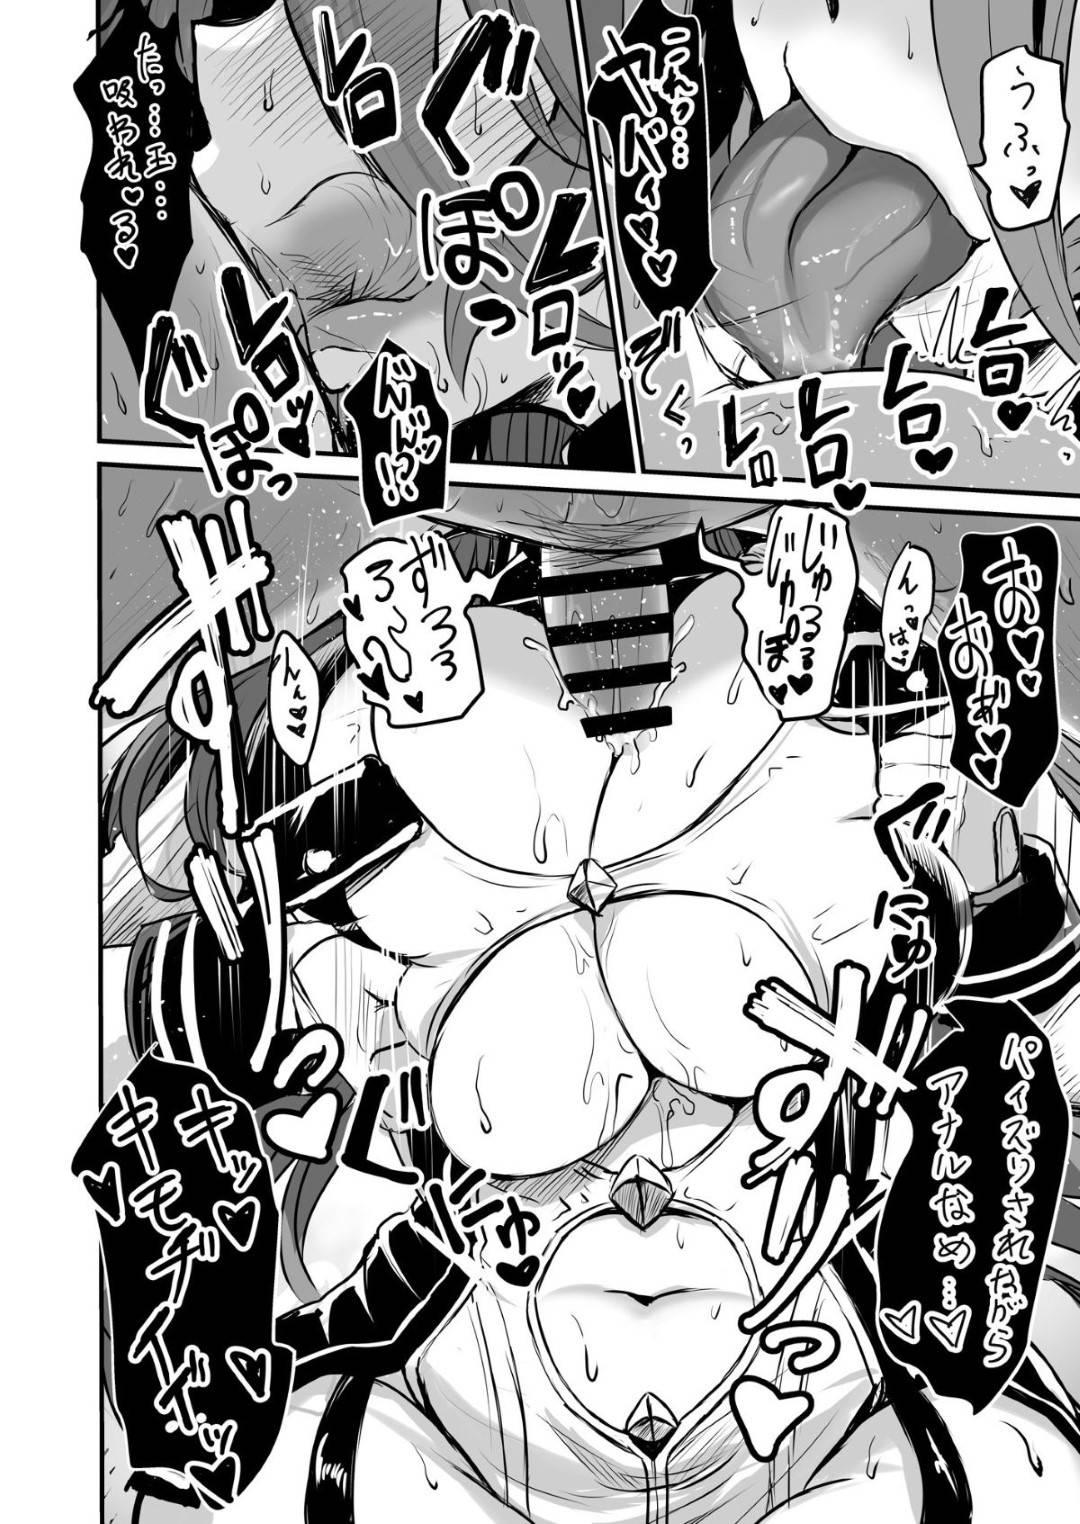 【エロ漫画】爆乳でエッチな美少女すぎる風俗嬢…ディープキスしたりパイズリフェラしたりアナル舐めしたり中出しセックスでイチャラブしちゃう!【バズ猫:キル姫のいるパイズリ風俗】